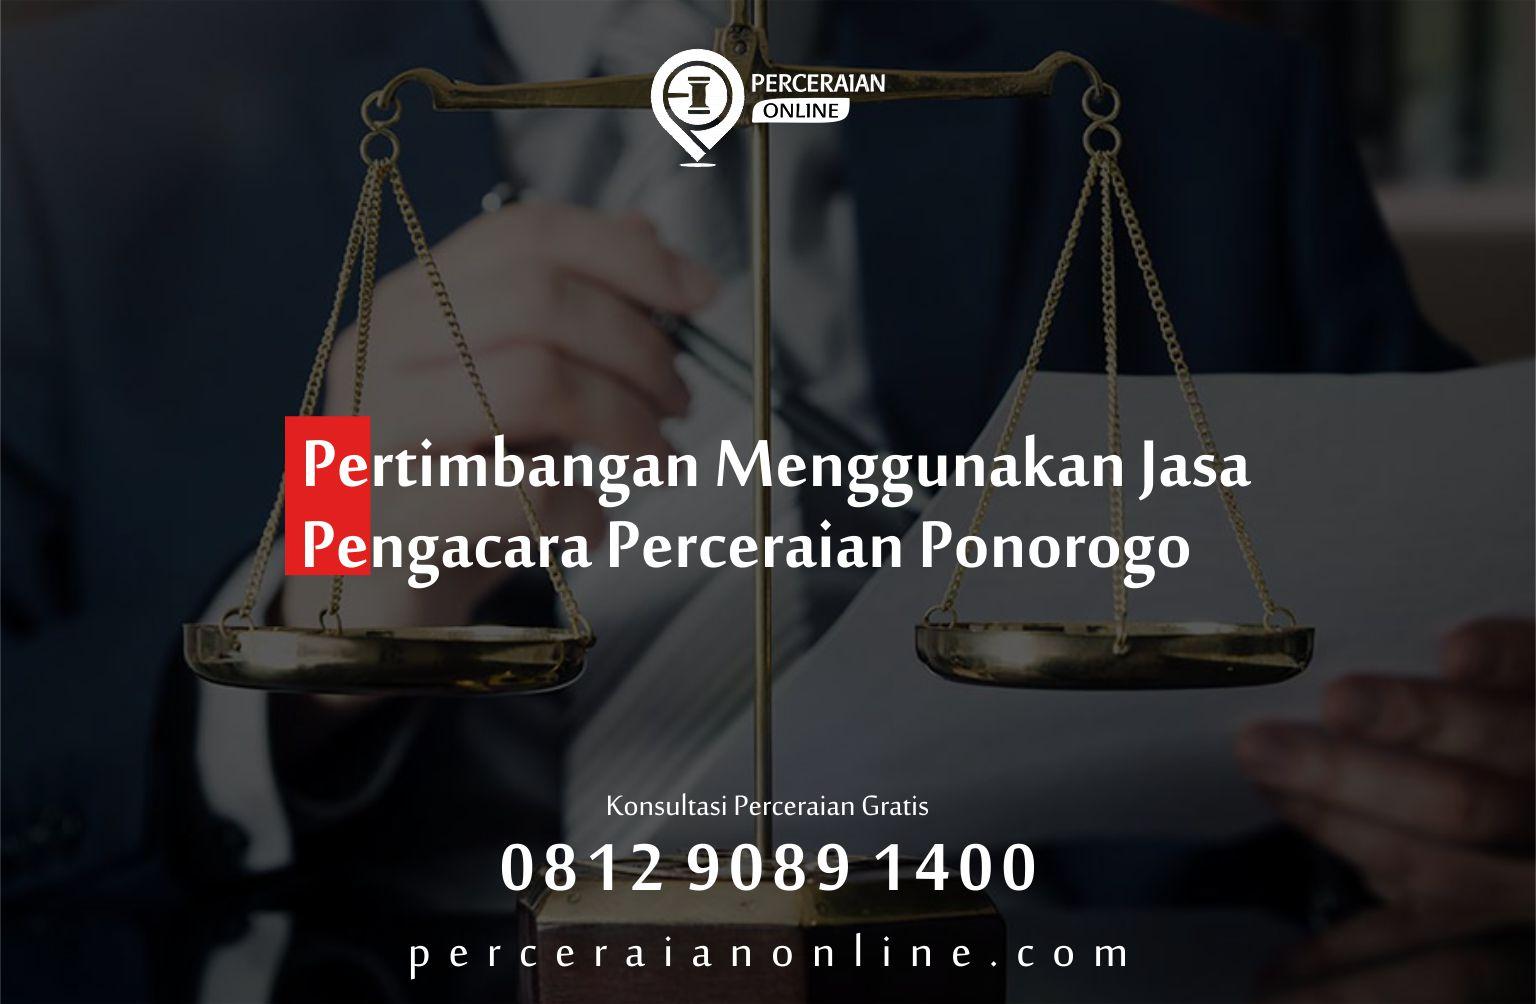 Pertimbangan Menggunakan Jasa Pengacara Perceraian Ponorogo